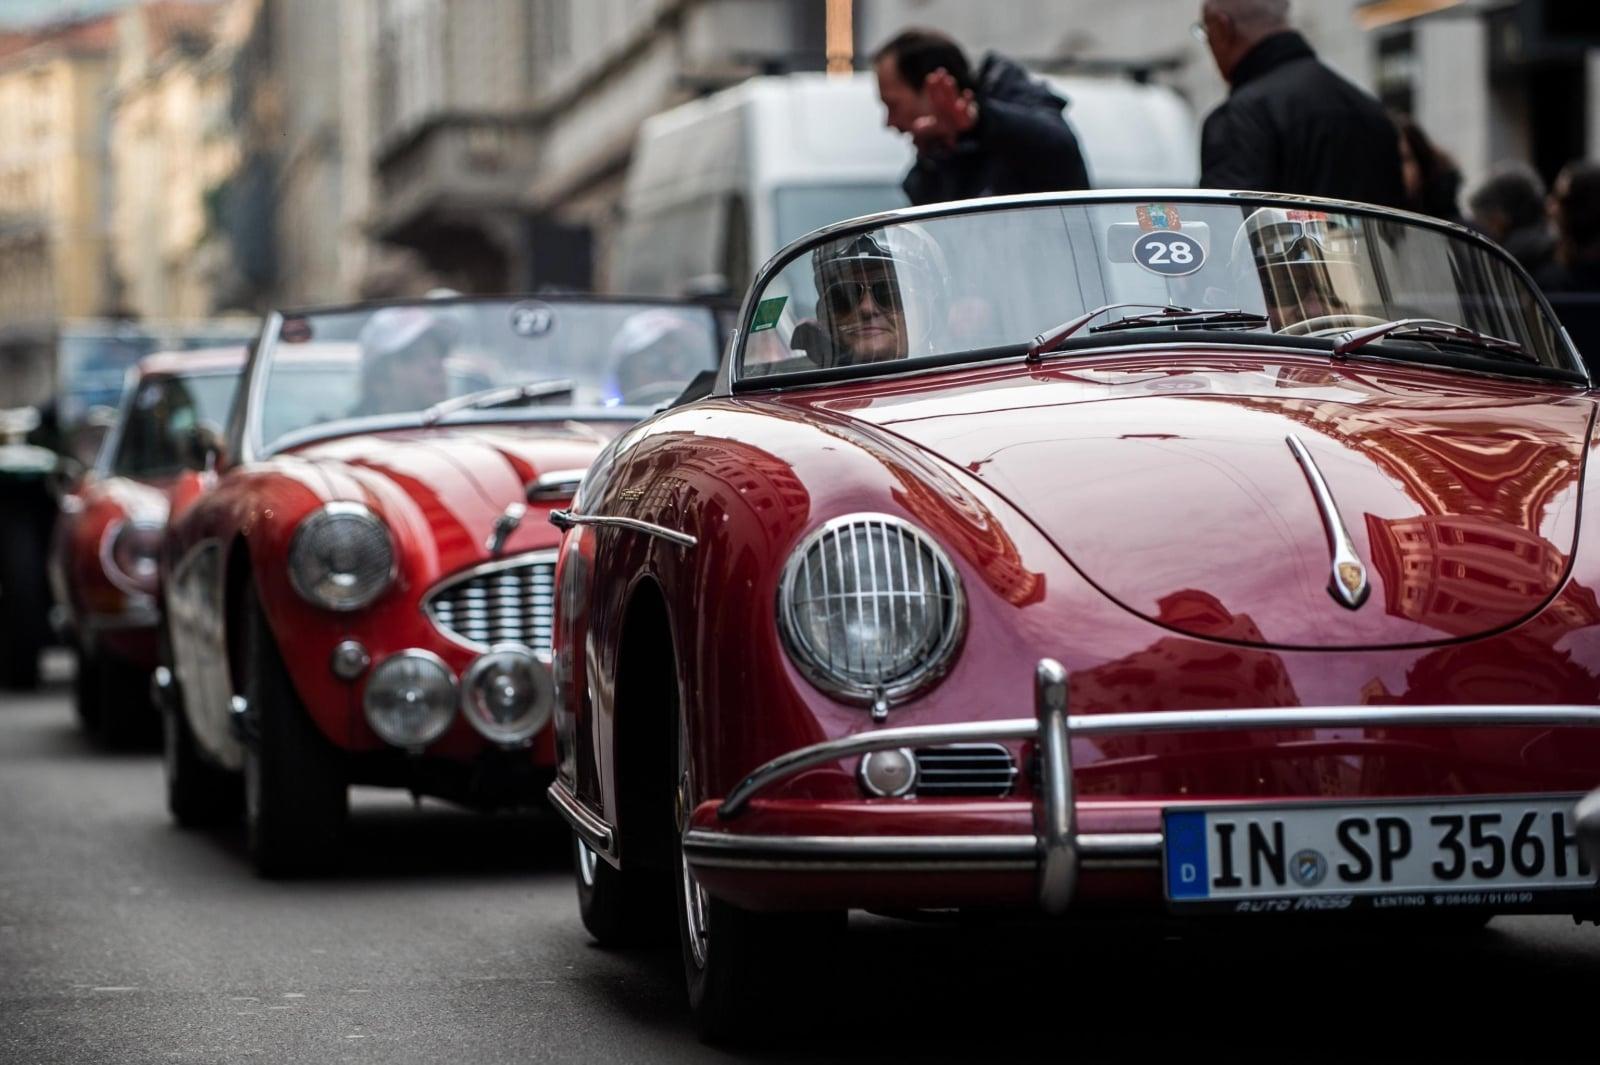 Pokaz samochodów w Mediolanie fot. EPA/NICOLA MARFISI